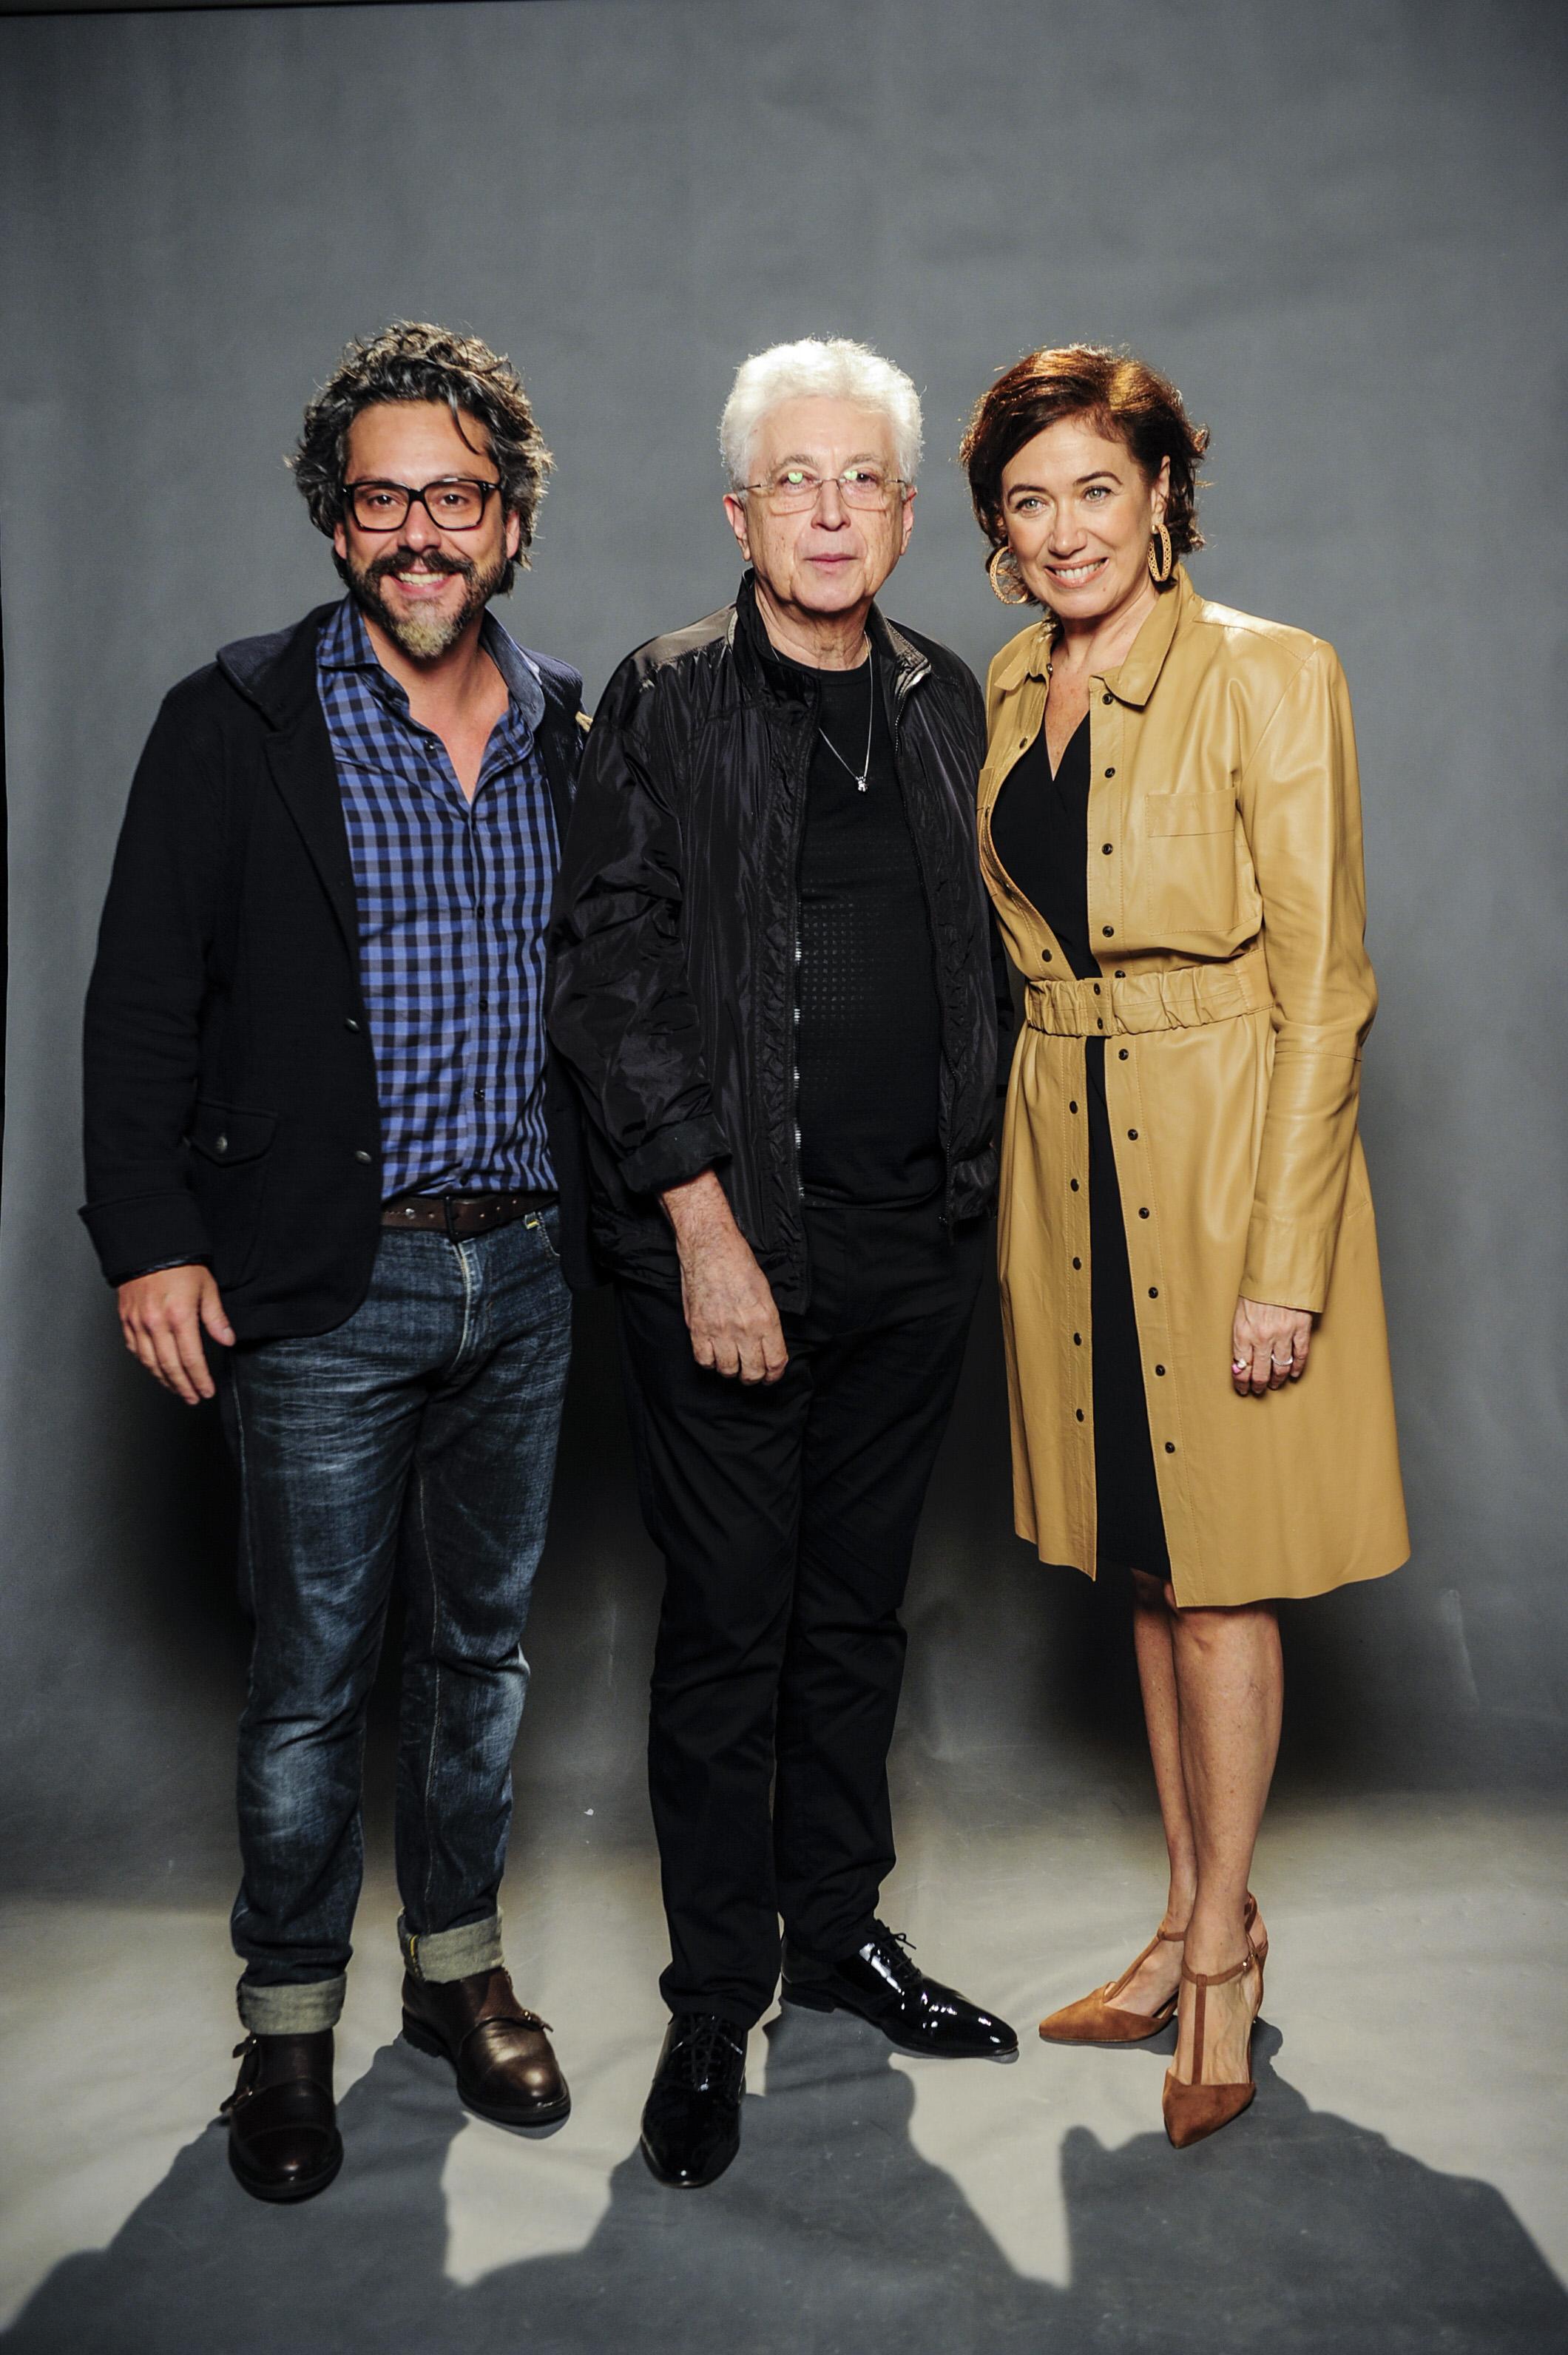 Nero e Lília com o criador da trama, Aguinaldo Silva. Crédito: Globo/Renato Rocha Miranda